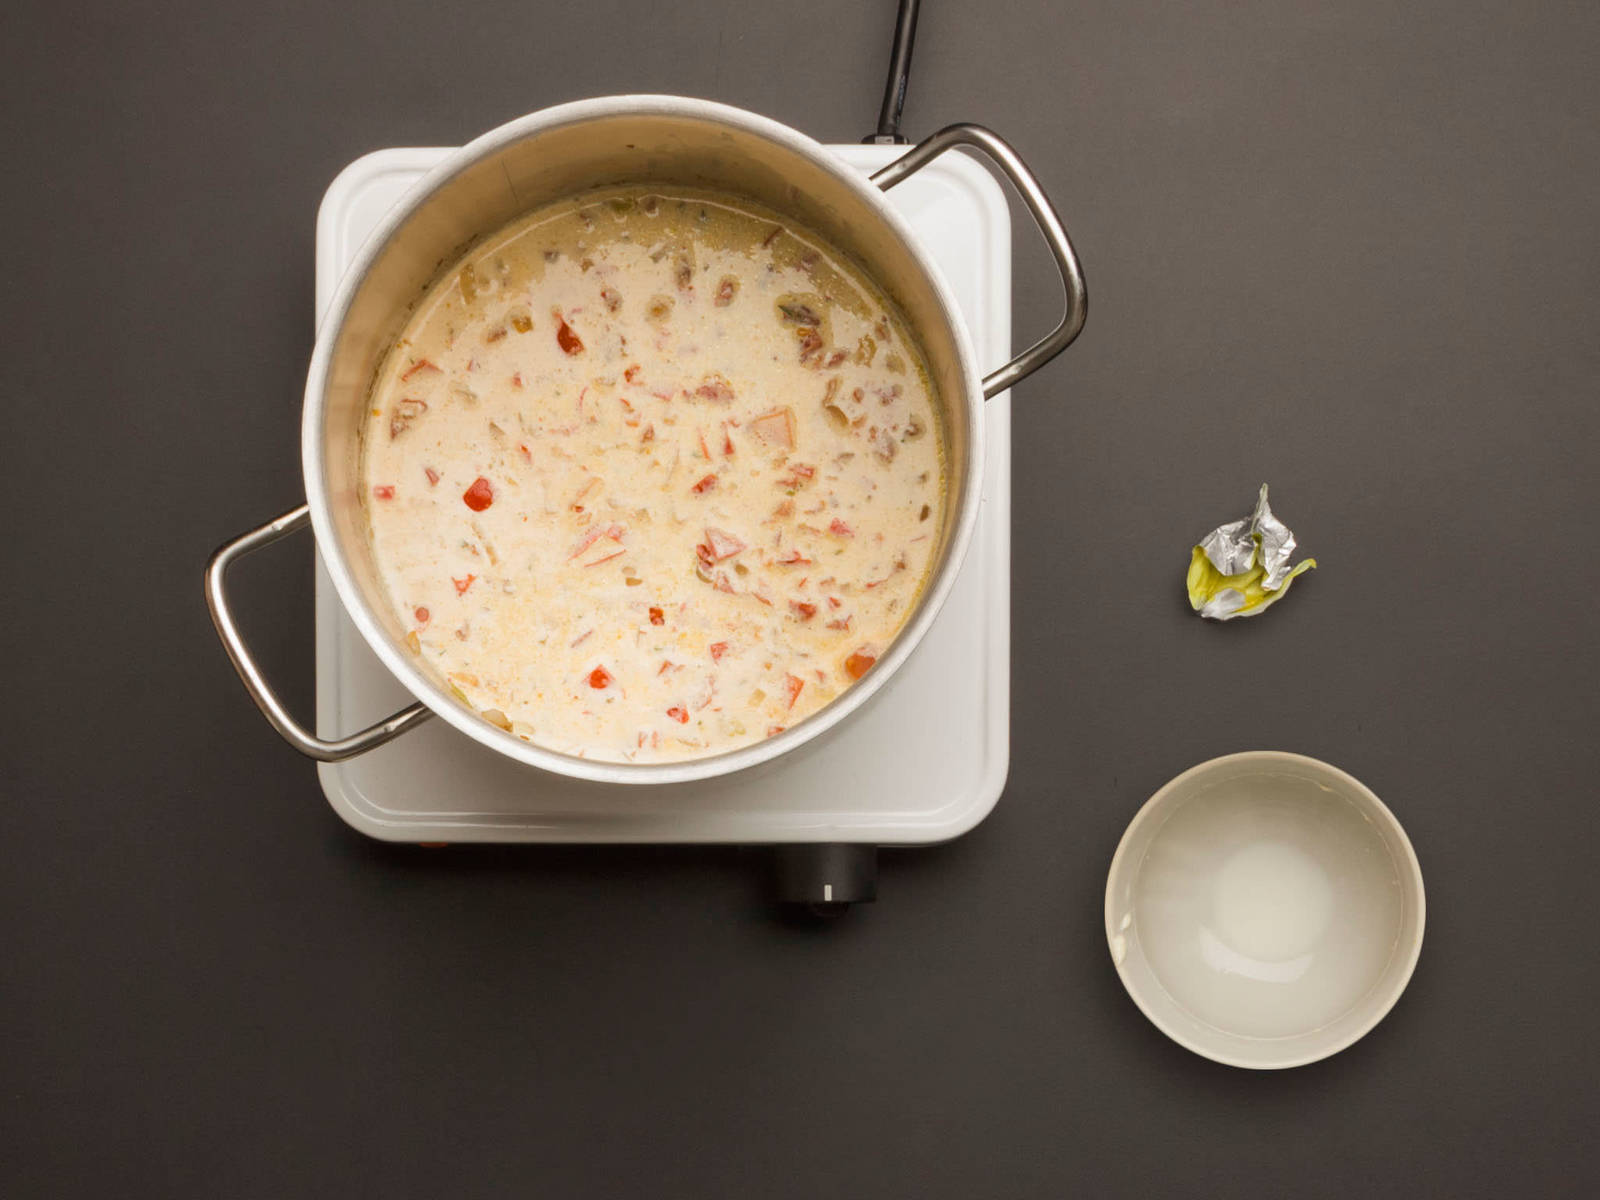 Sahne und Brühwürfel in die erste Pfanne geben, ca. 1 – 2 Min. aufkochen, Wärmezufuhr reduzieren und weitere 10 Min. köcheln lassen.